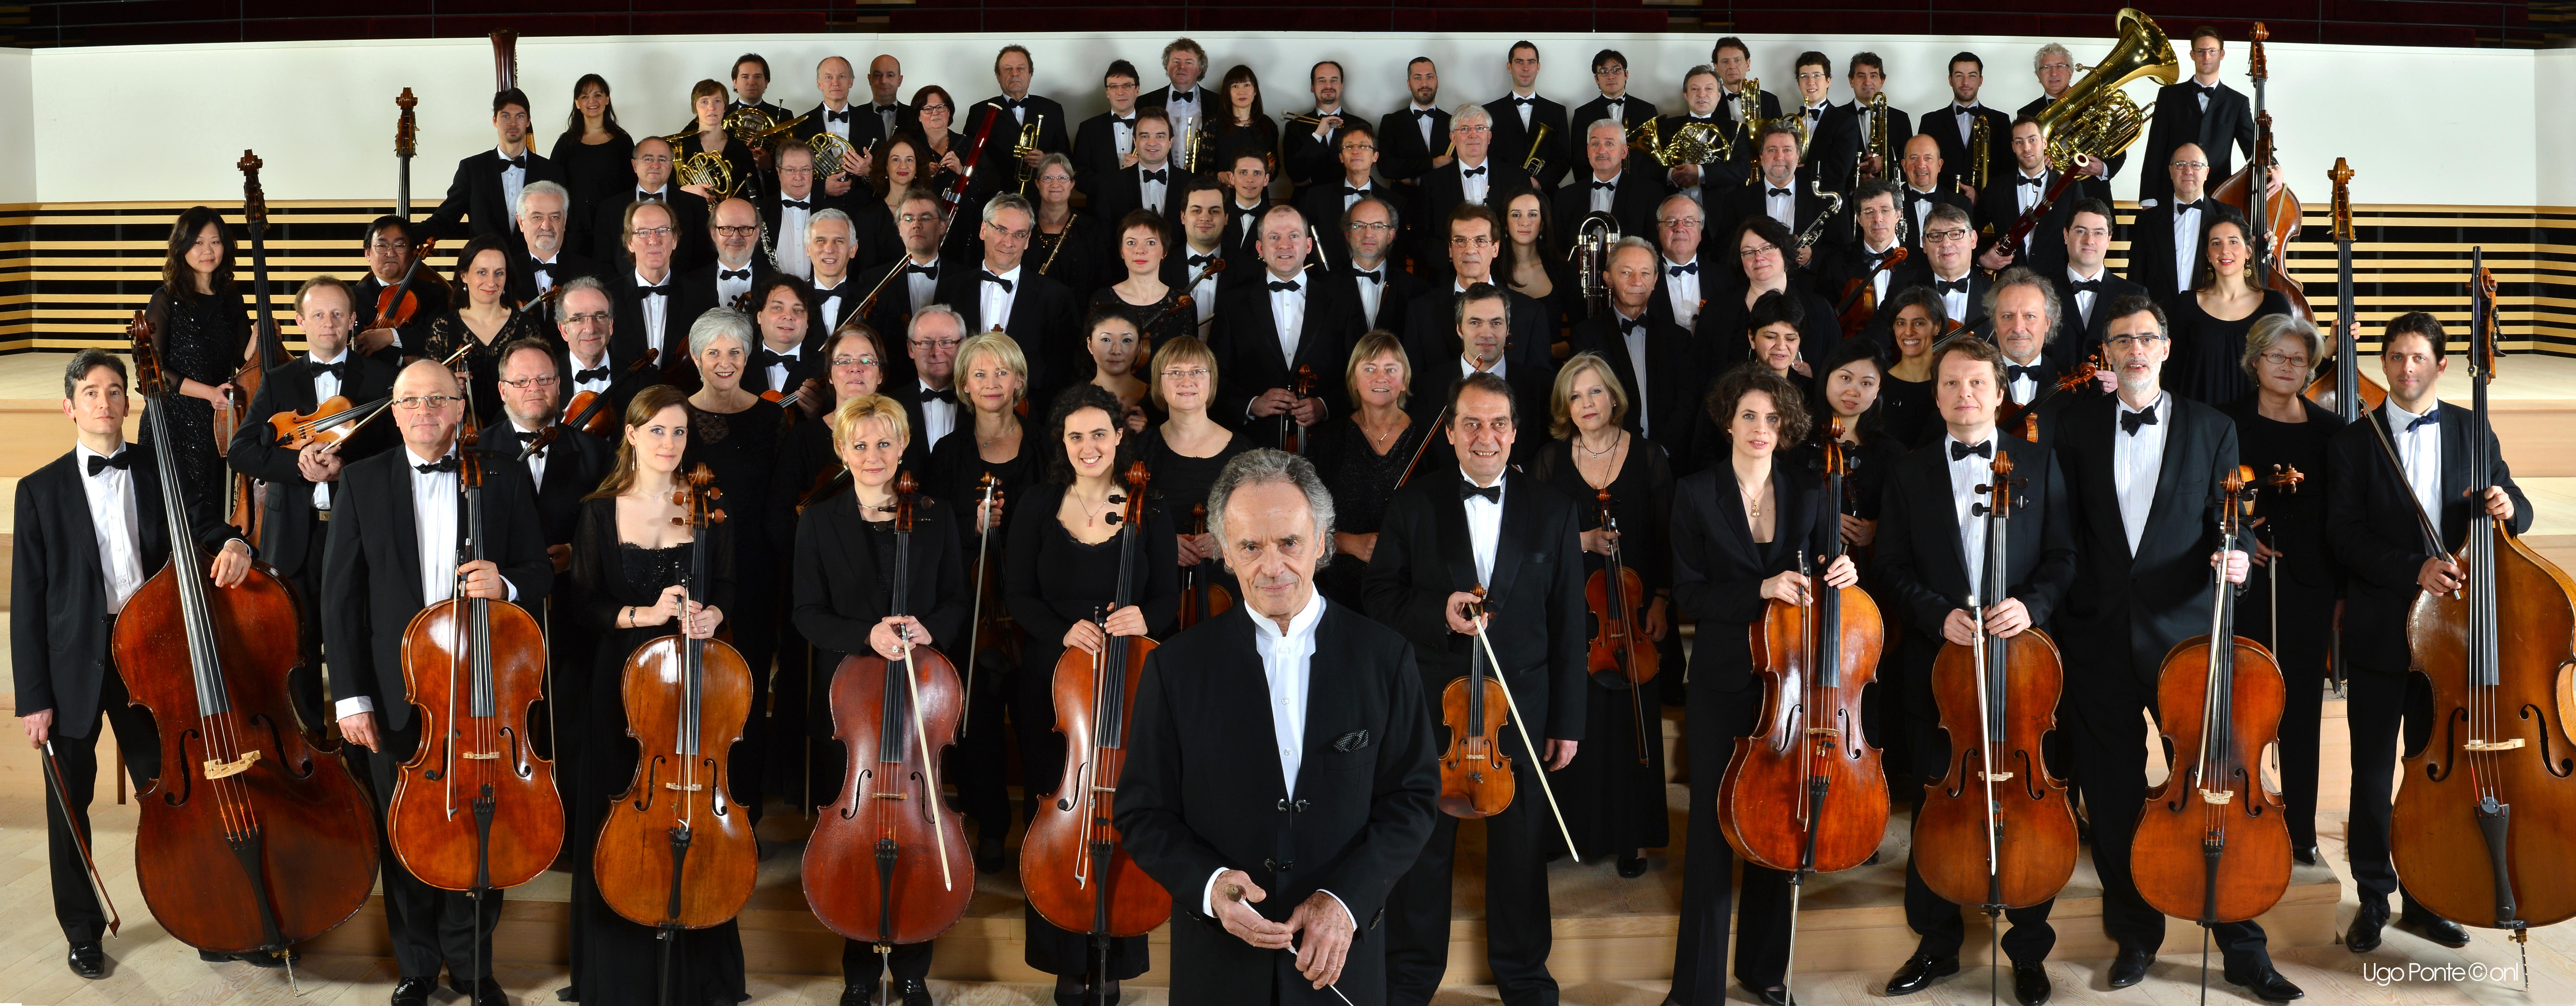 Orchestre national de lille.jpg